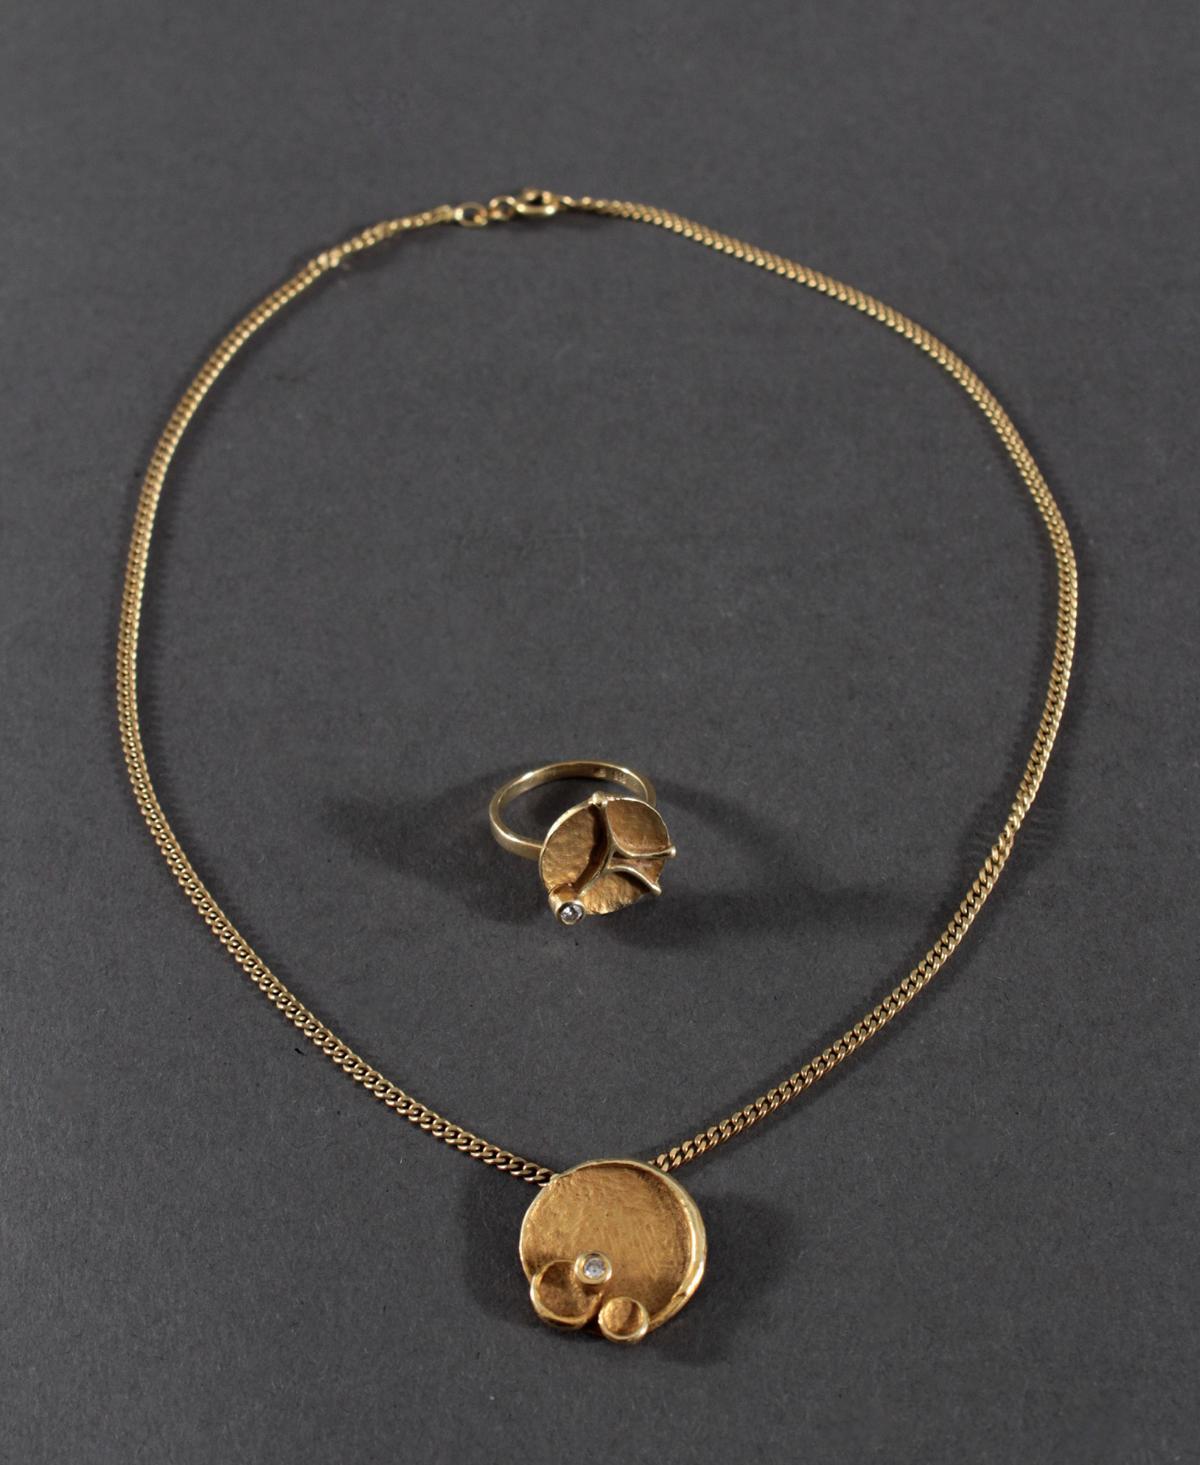 Halskette mit Anhänger und Ring mit Diamantbesatz, 8 und 14 Karat Gelbgold